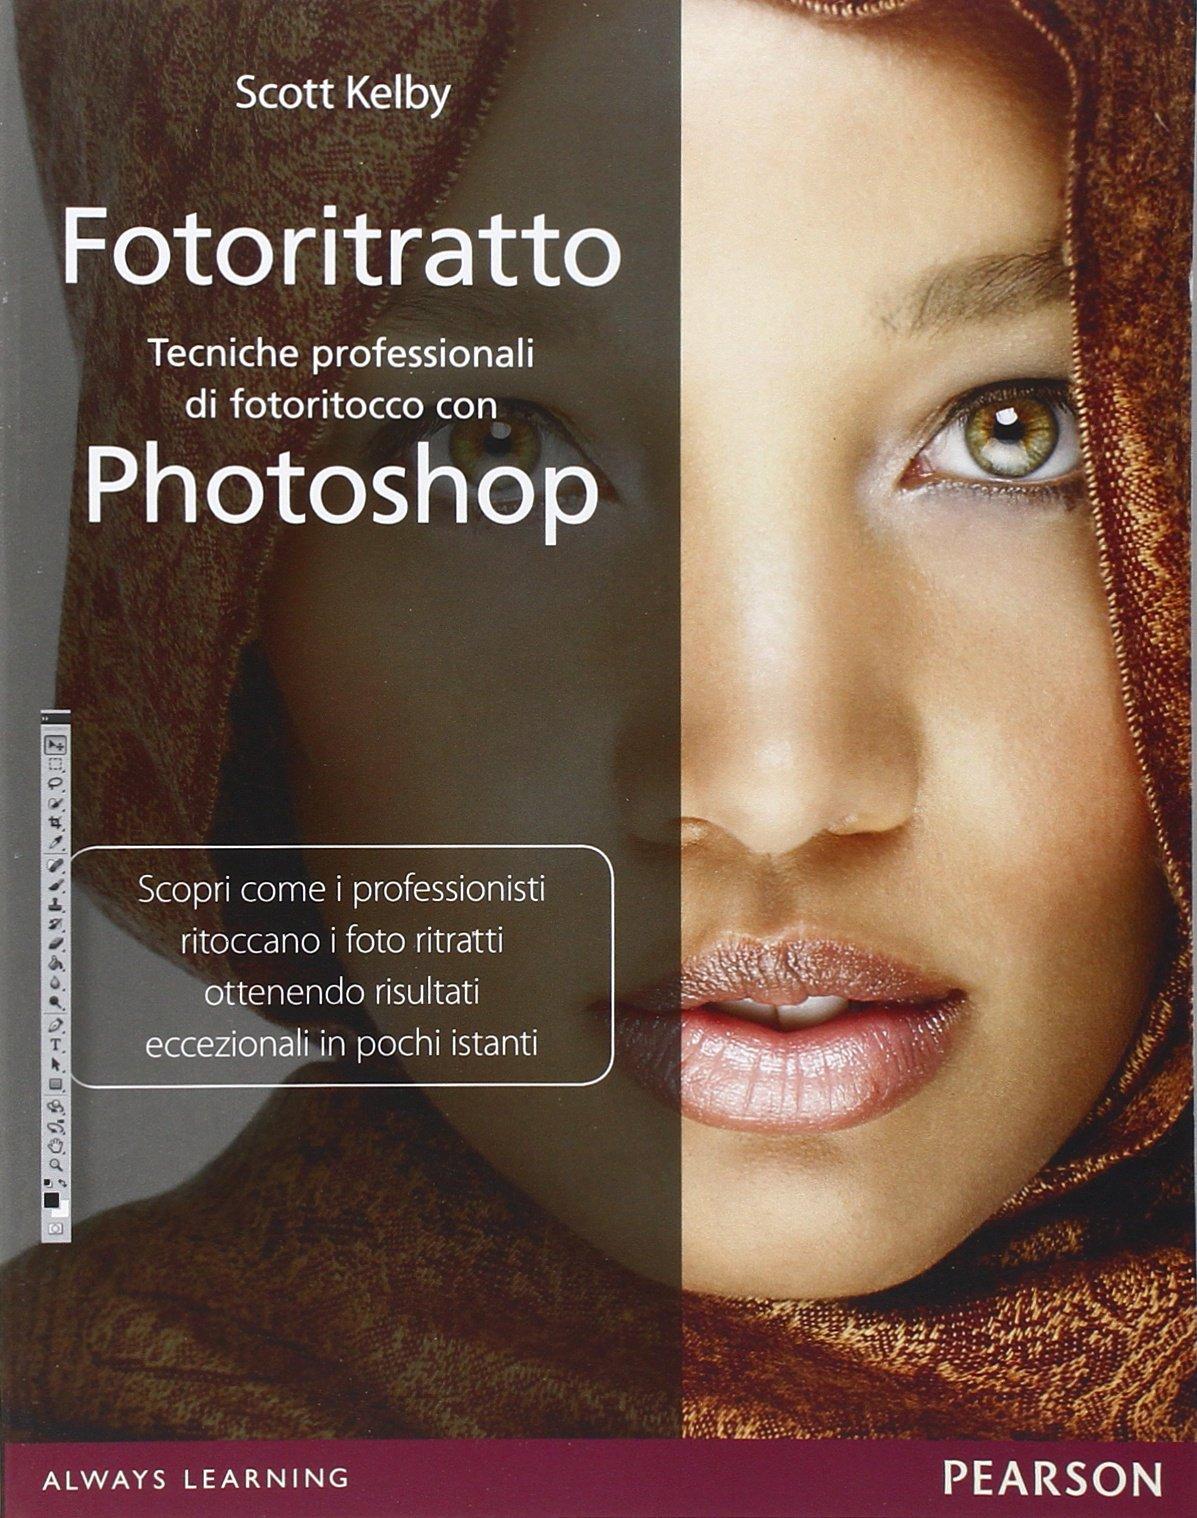 Tecniche professionali di fotoritocco con Photoshop